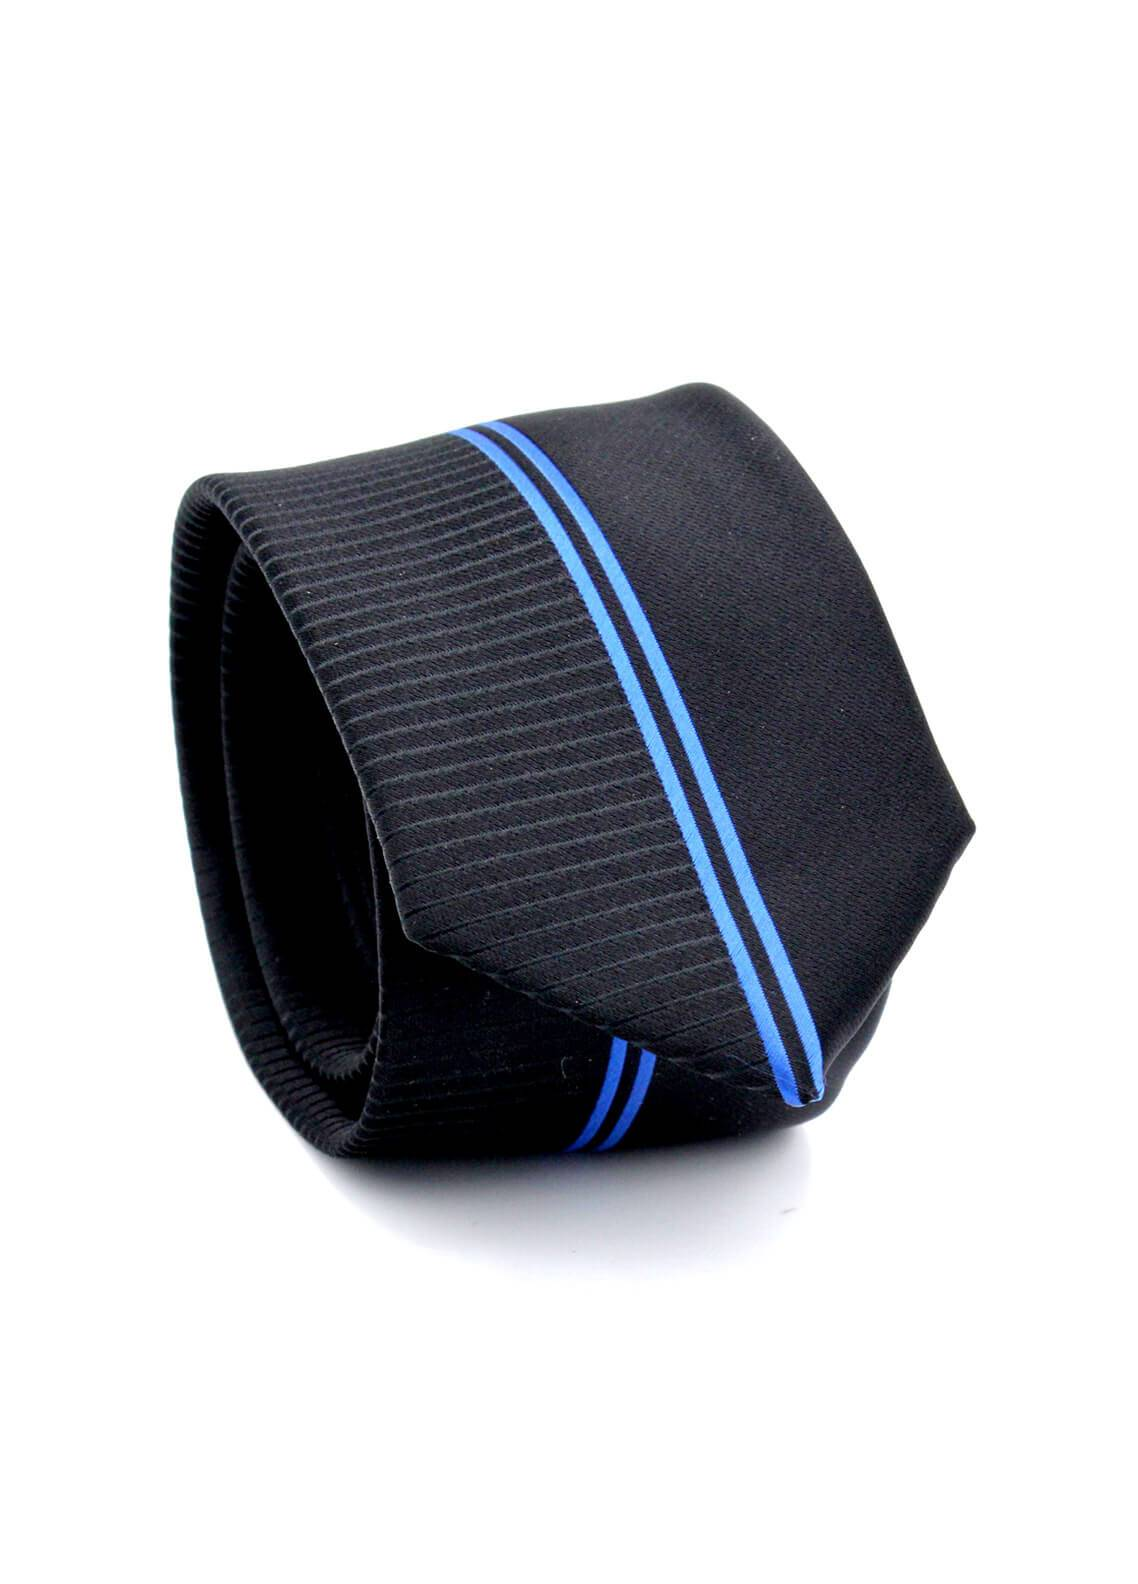 Skangen Multi-Patterned Wool Neck Tie Neck Tie SKTI-S-004 -